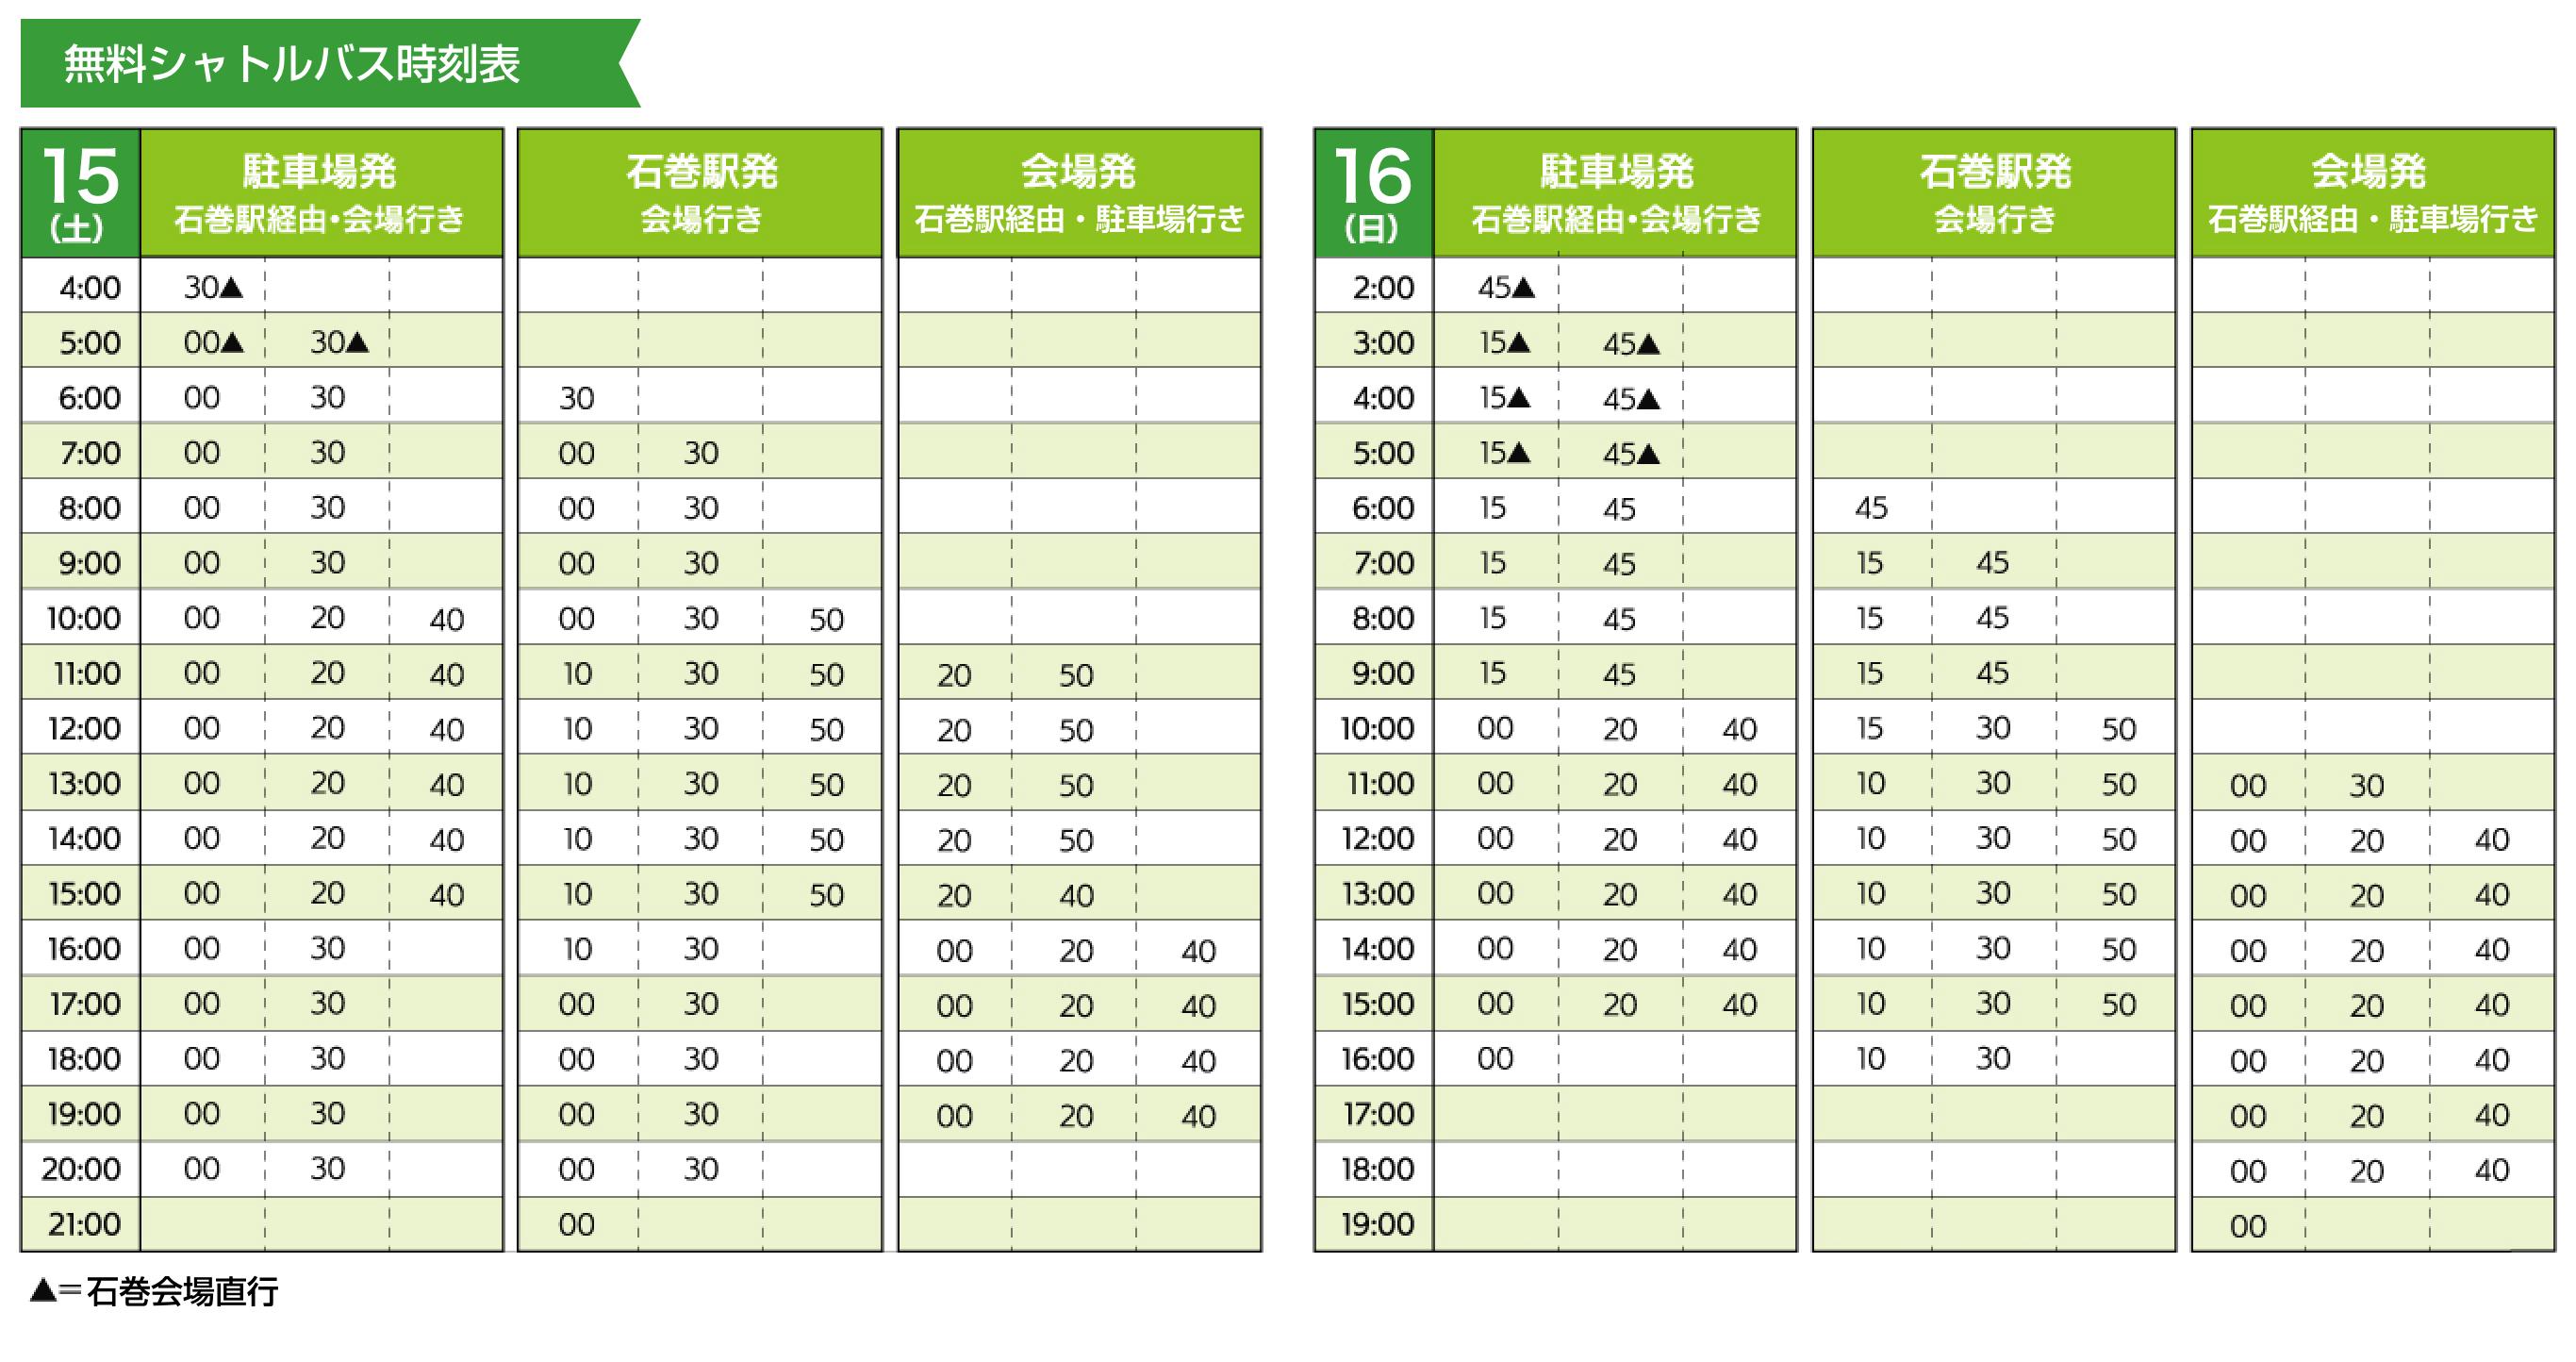 無料シャトルバス時刻表の画像